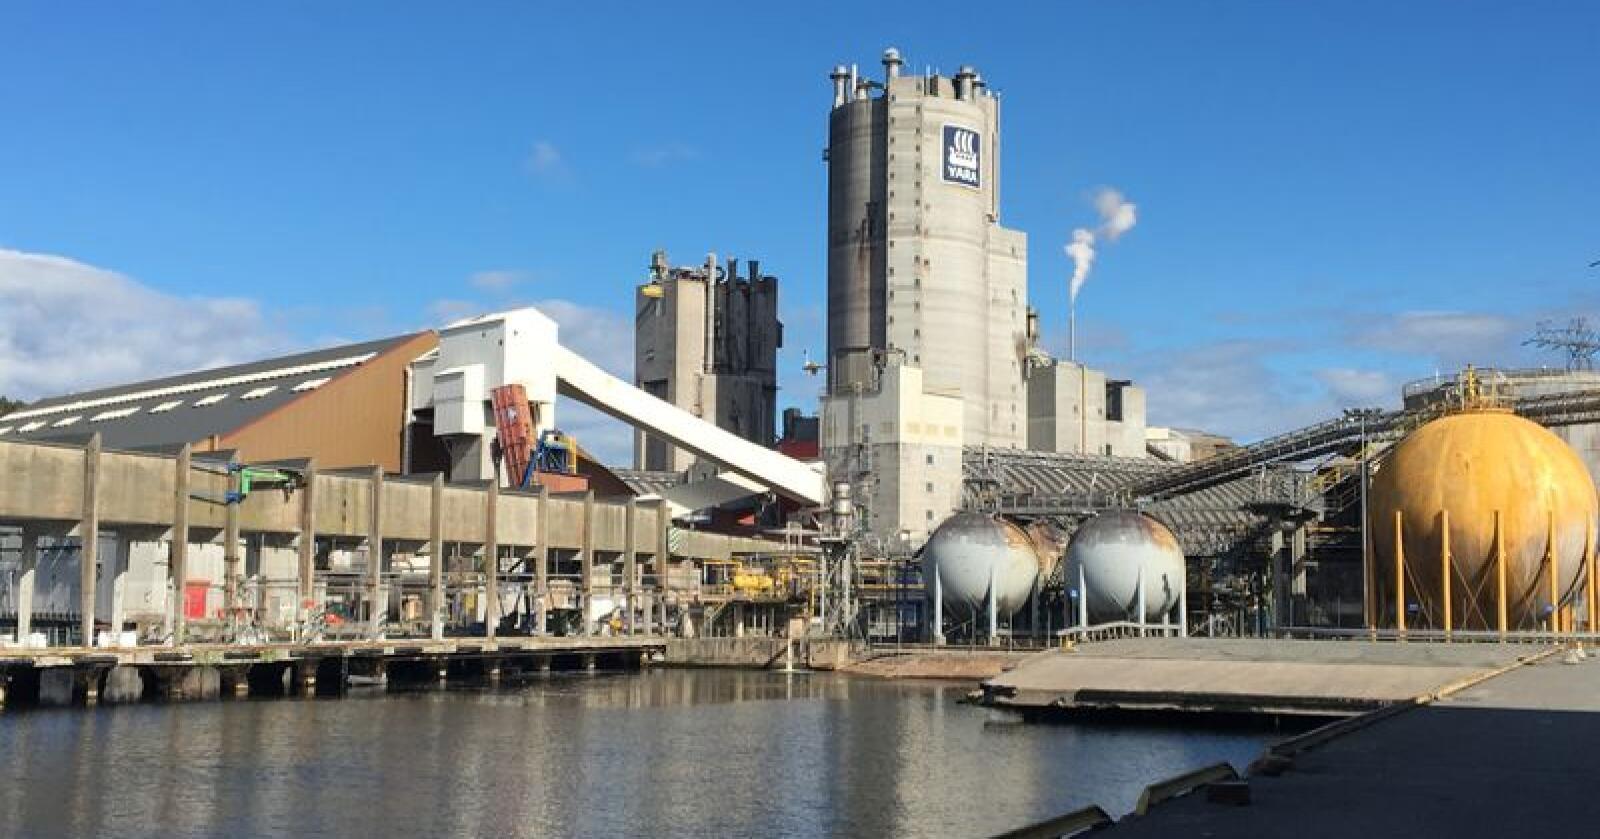 Yara jobber med utslippsfri mineralgjødsel flere steder i verden, blant annet på anlegget i Porsgrunn. (Foto: Yara)